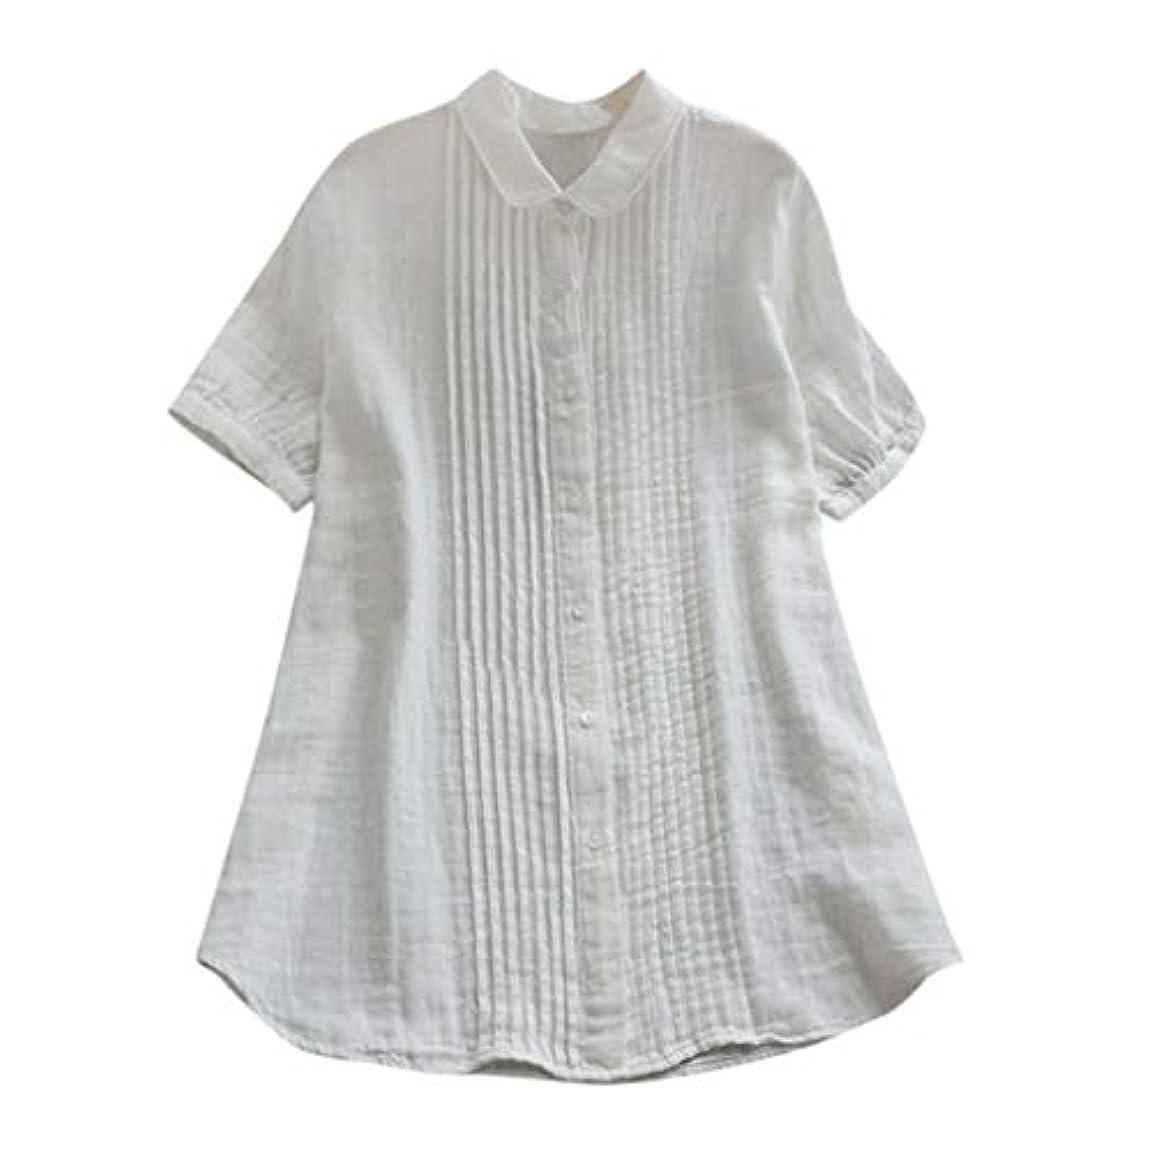 クレジットセマフォより多い女性の半袖Tシャツ - ピーターパンカラー夏緩い無地カジュアルダウントップスブラウス (白, L)